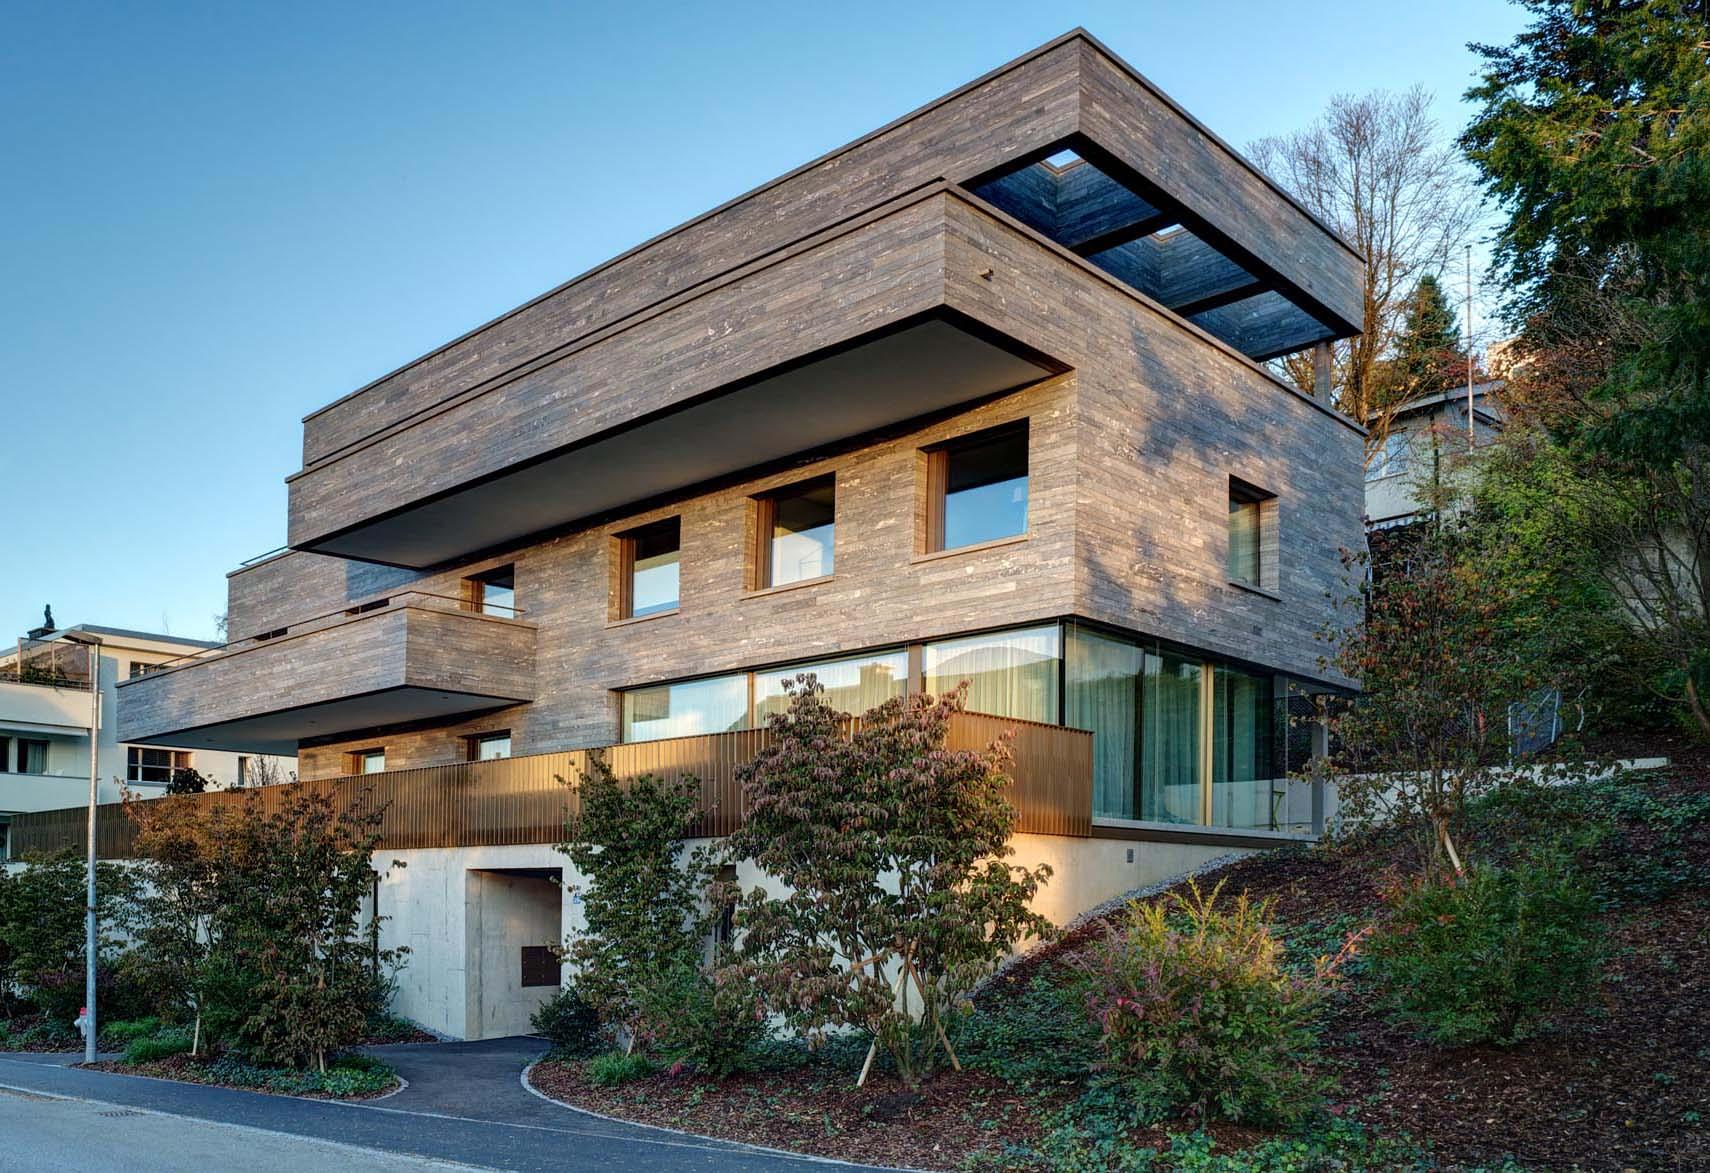 Aussenansicht Haus am Hang - Bei der Fassade aus Naturstein wurde das mechanische Befestigungssystem StoneFix eingesetzt.